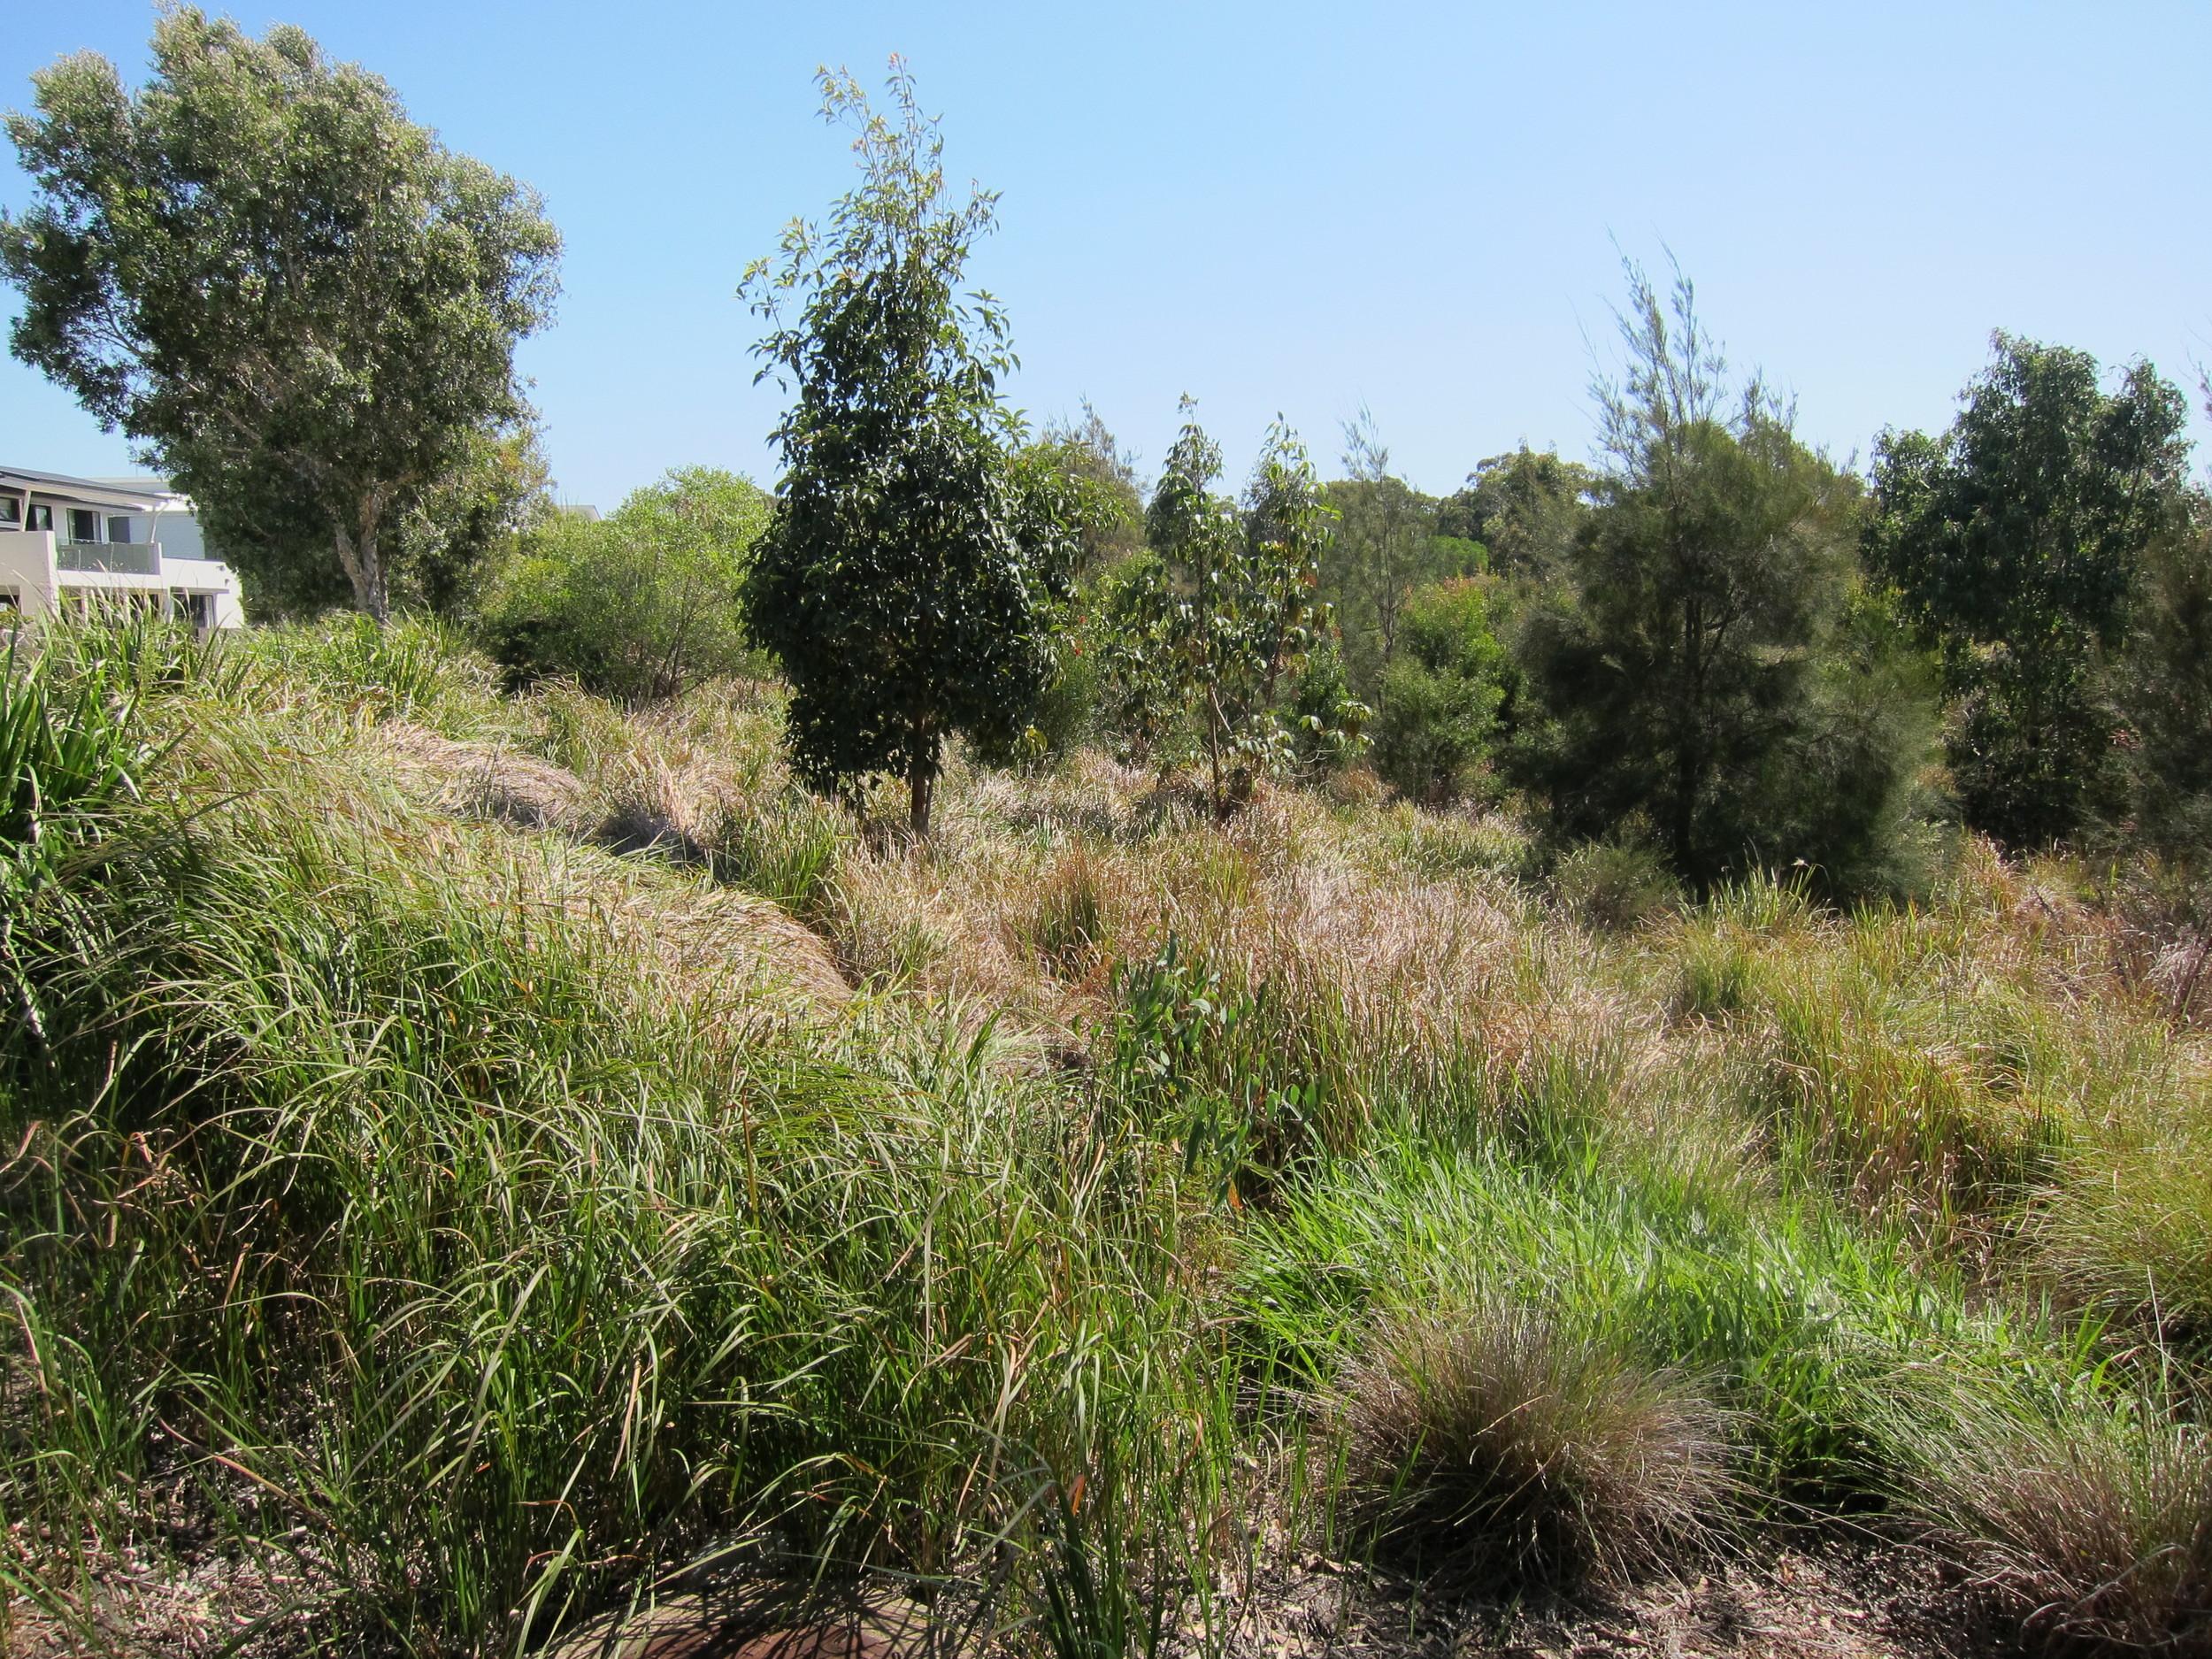 George Thorn Drive Wetland